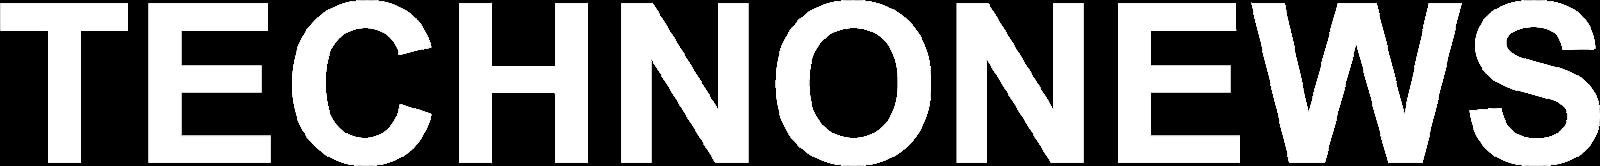 TechnoNews - Toute l'actualité Tech et tests de produits